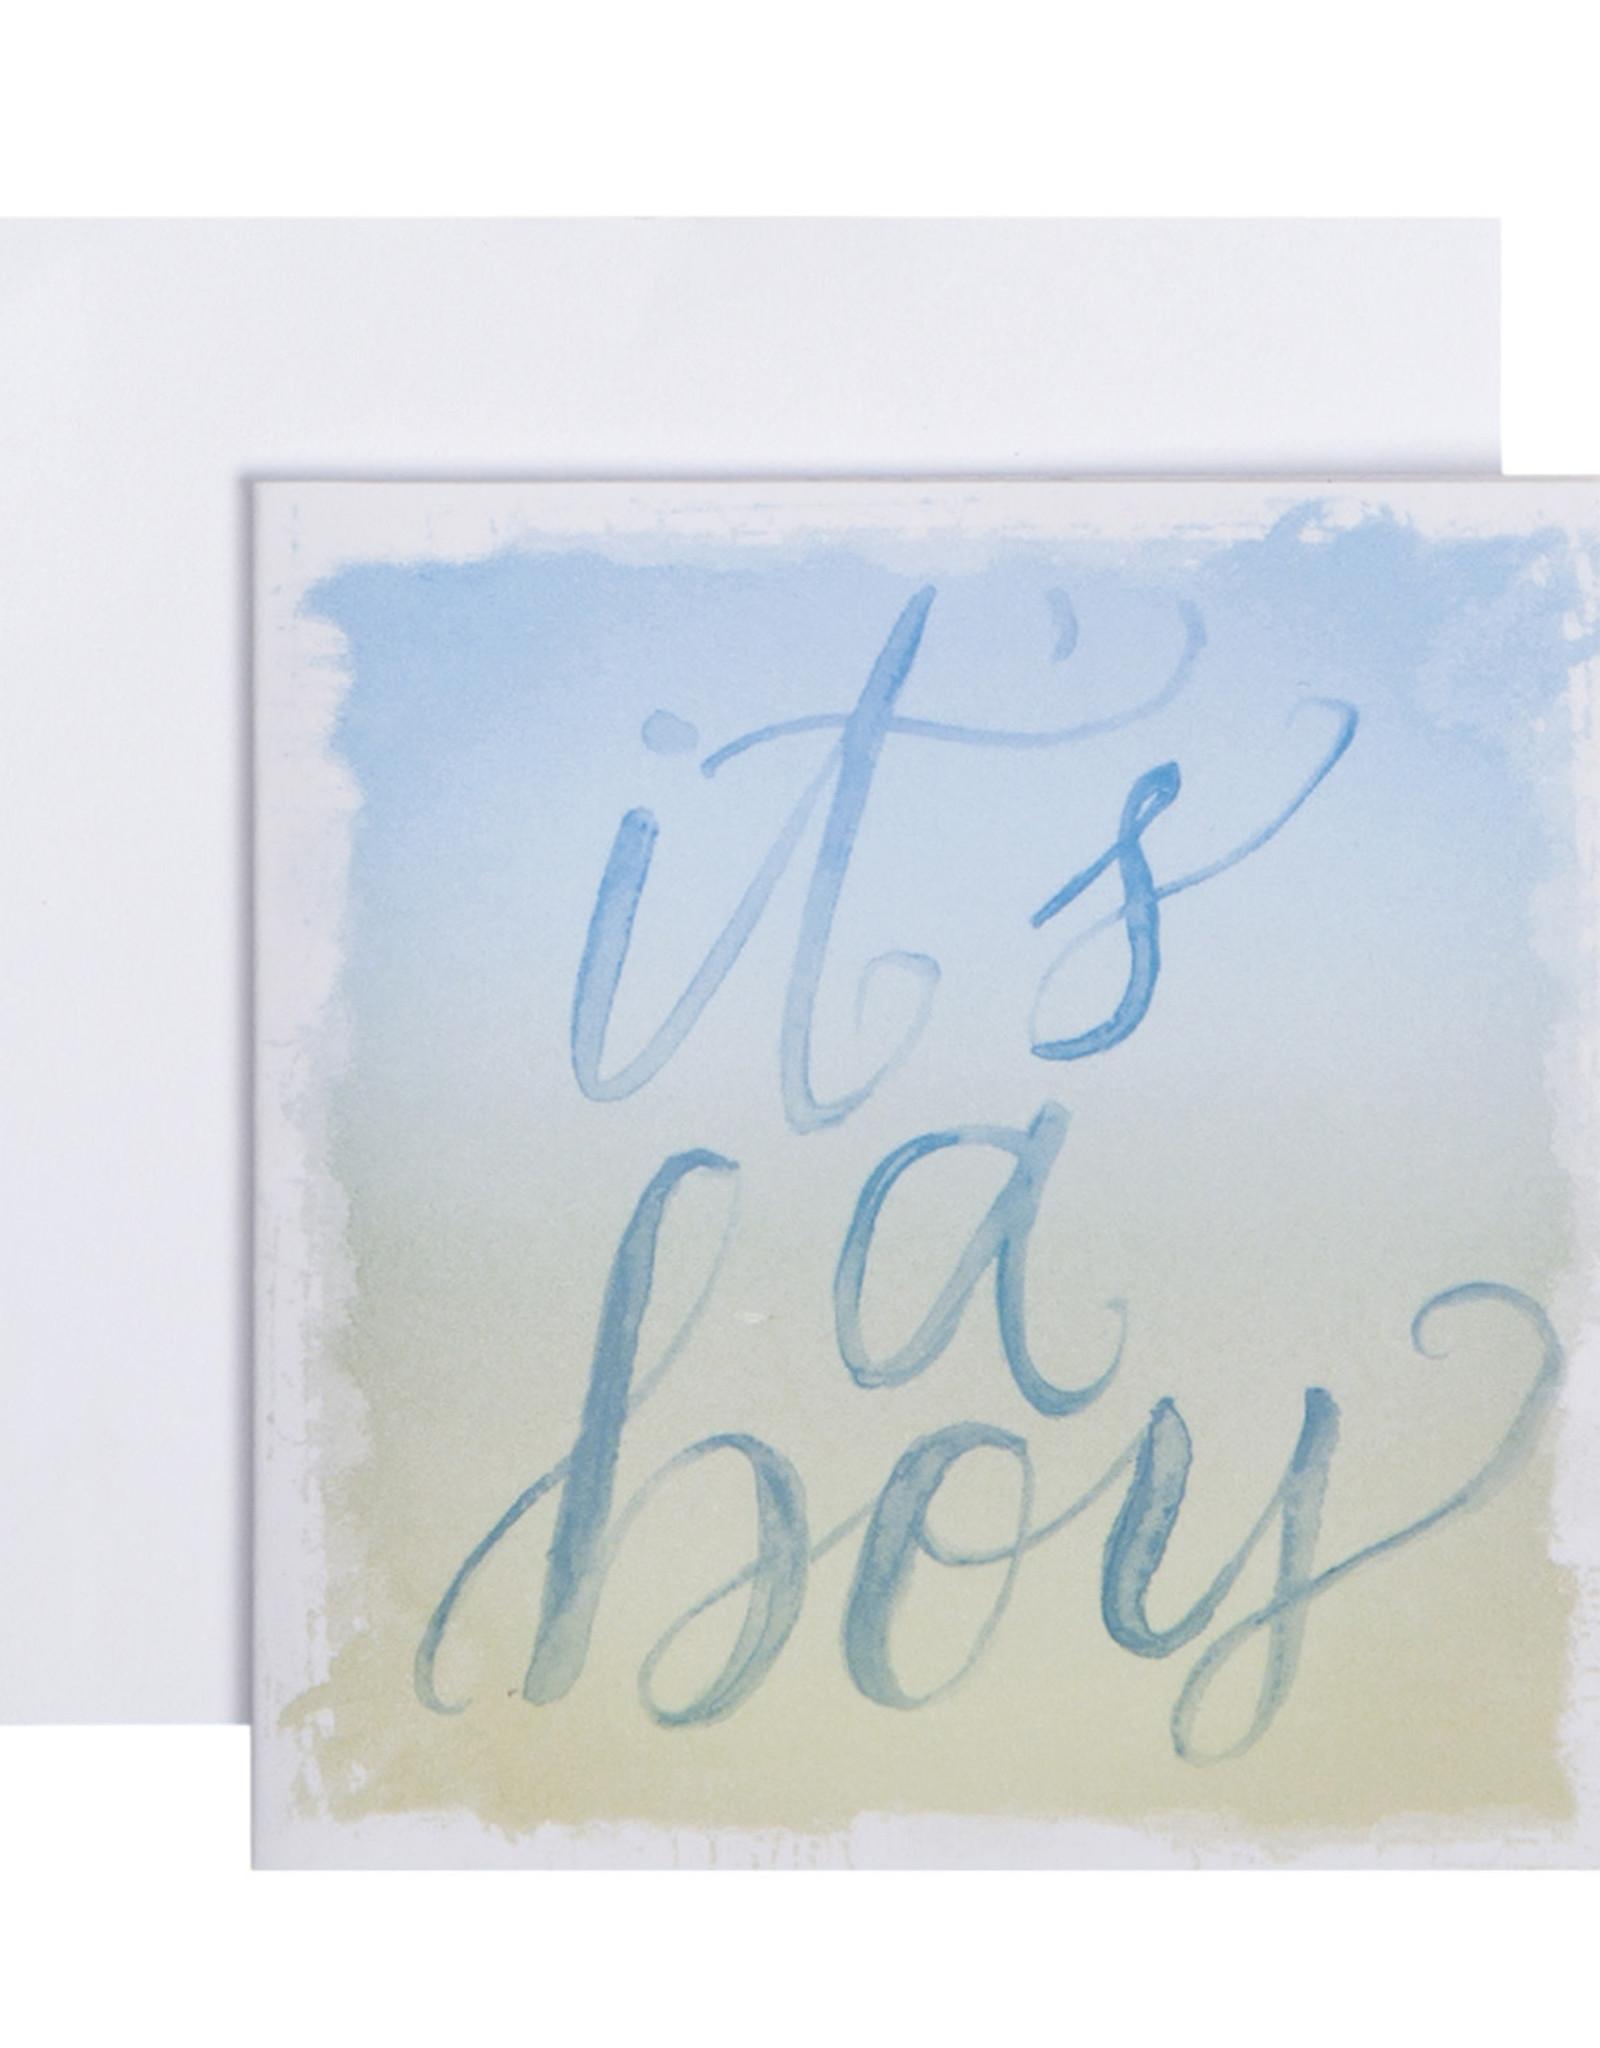 Mini Enclosure Card - It's a Boy